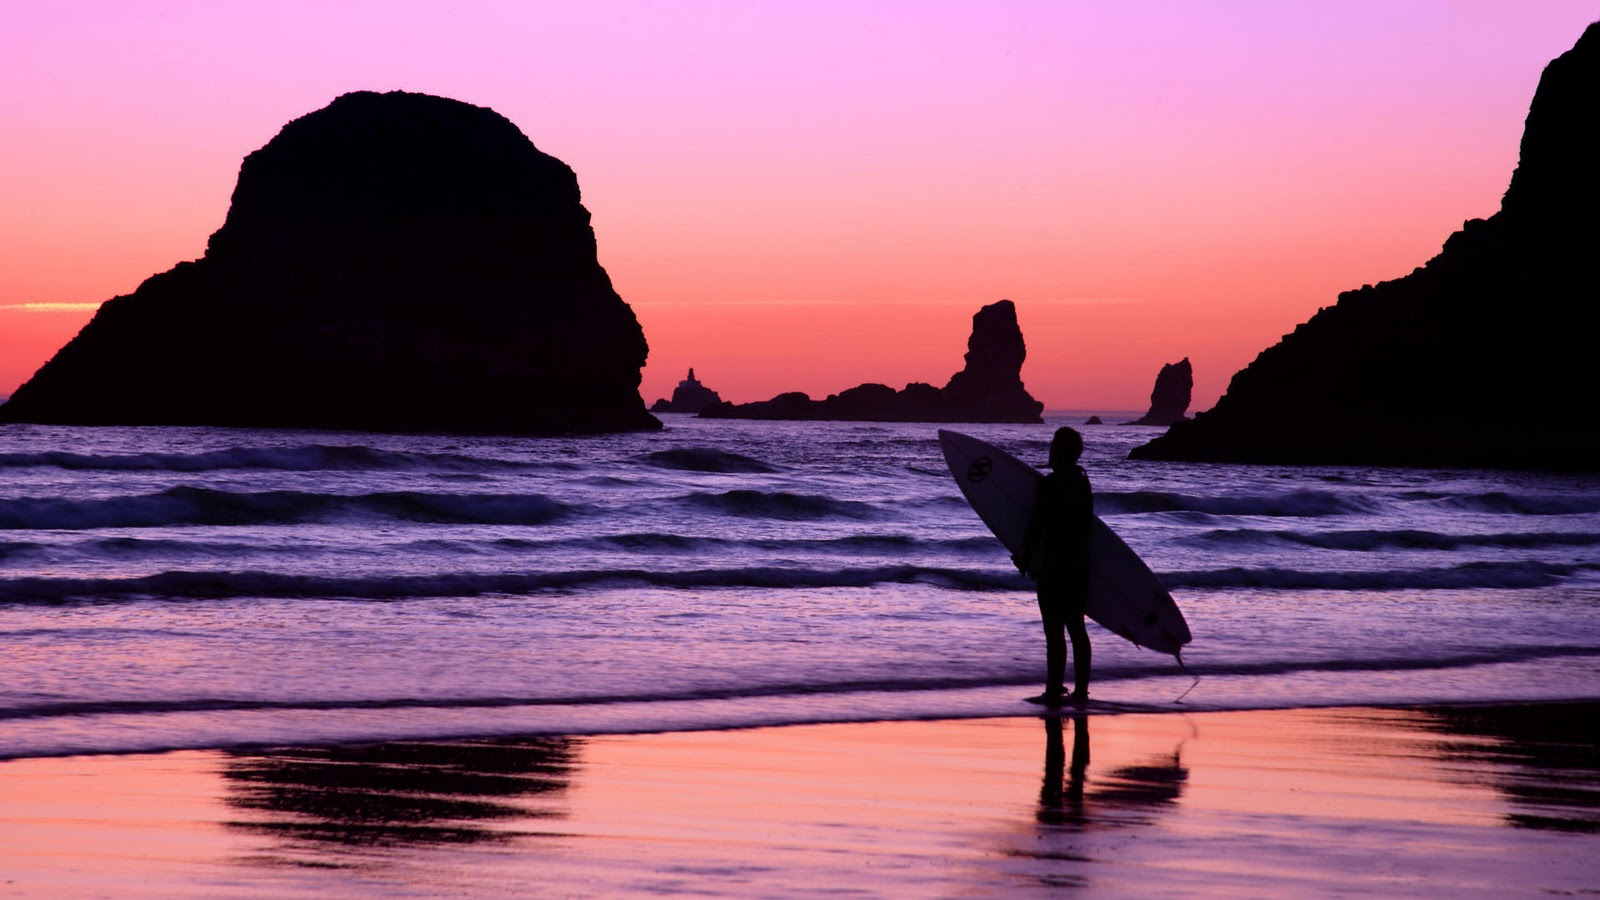 Surfboard Desktop Wallpaper Hd